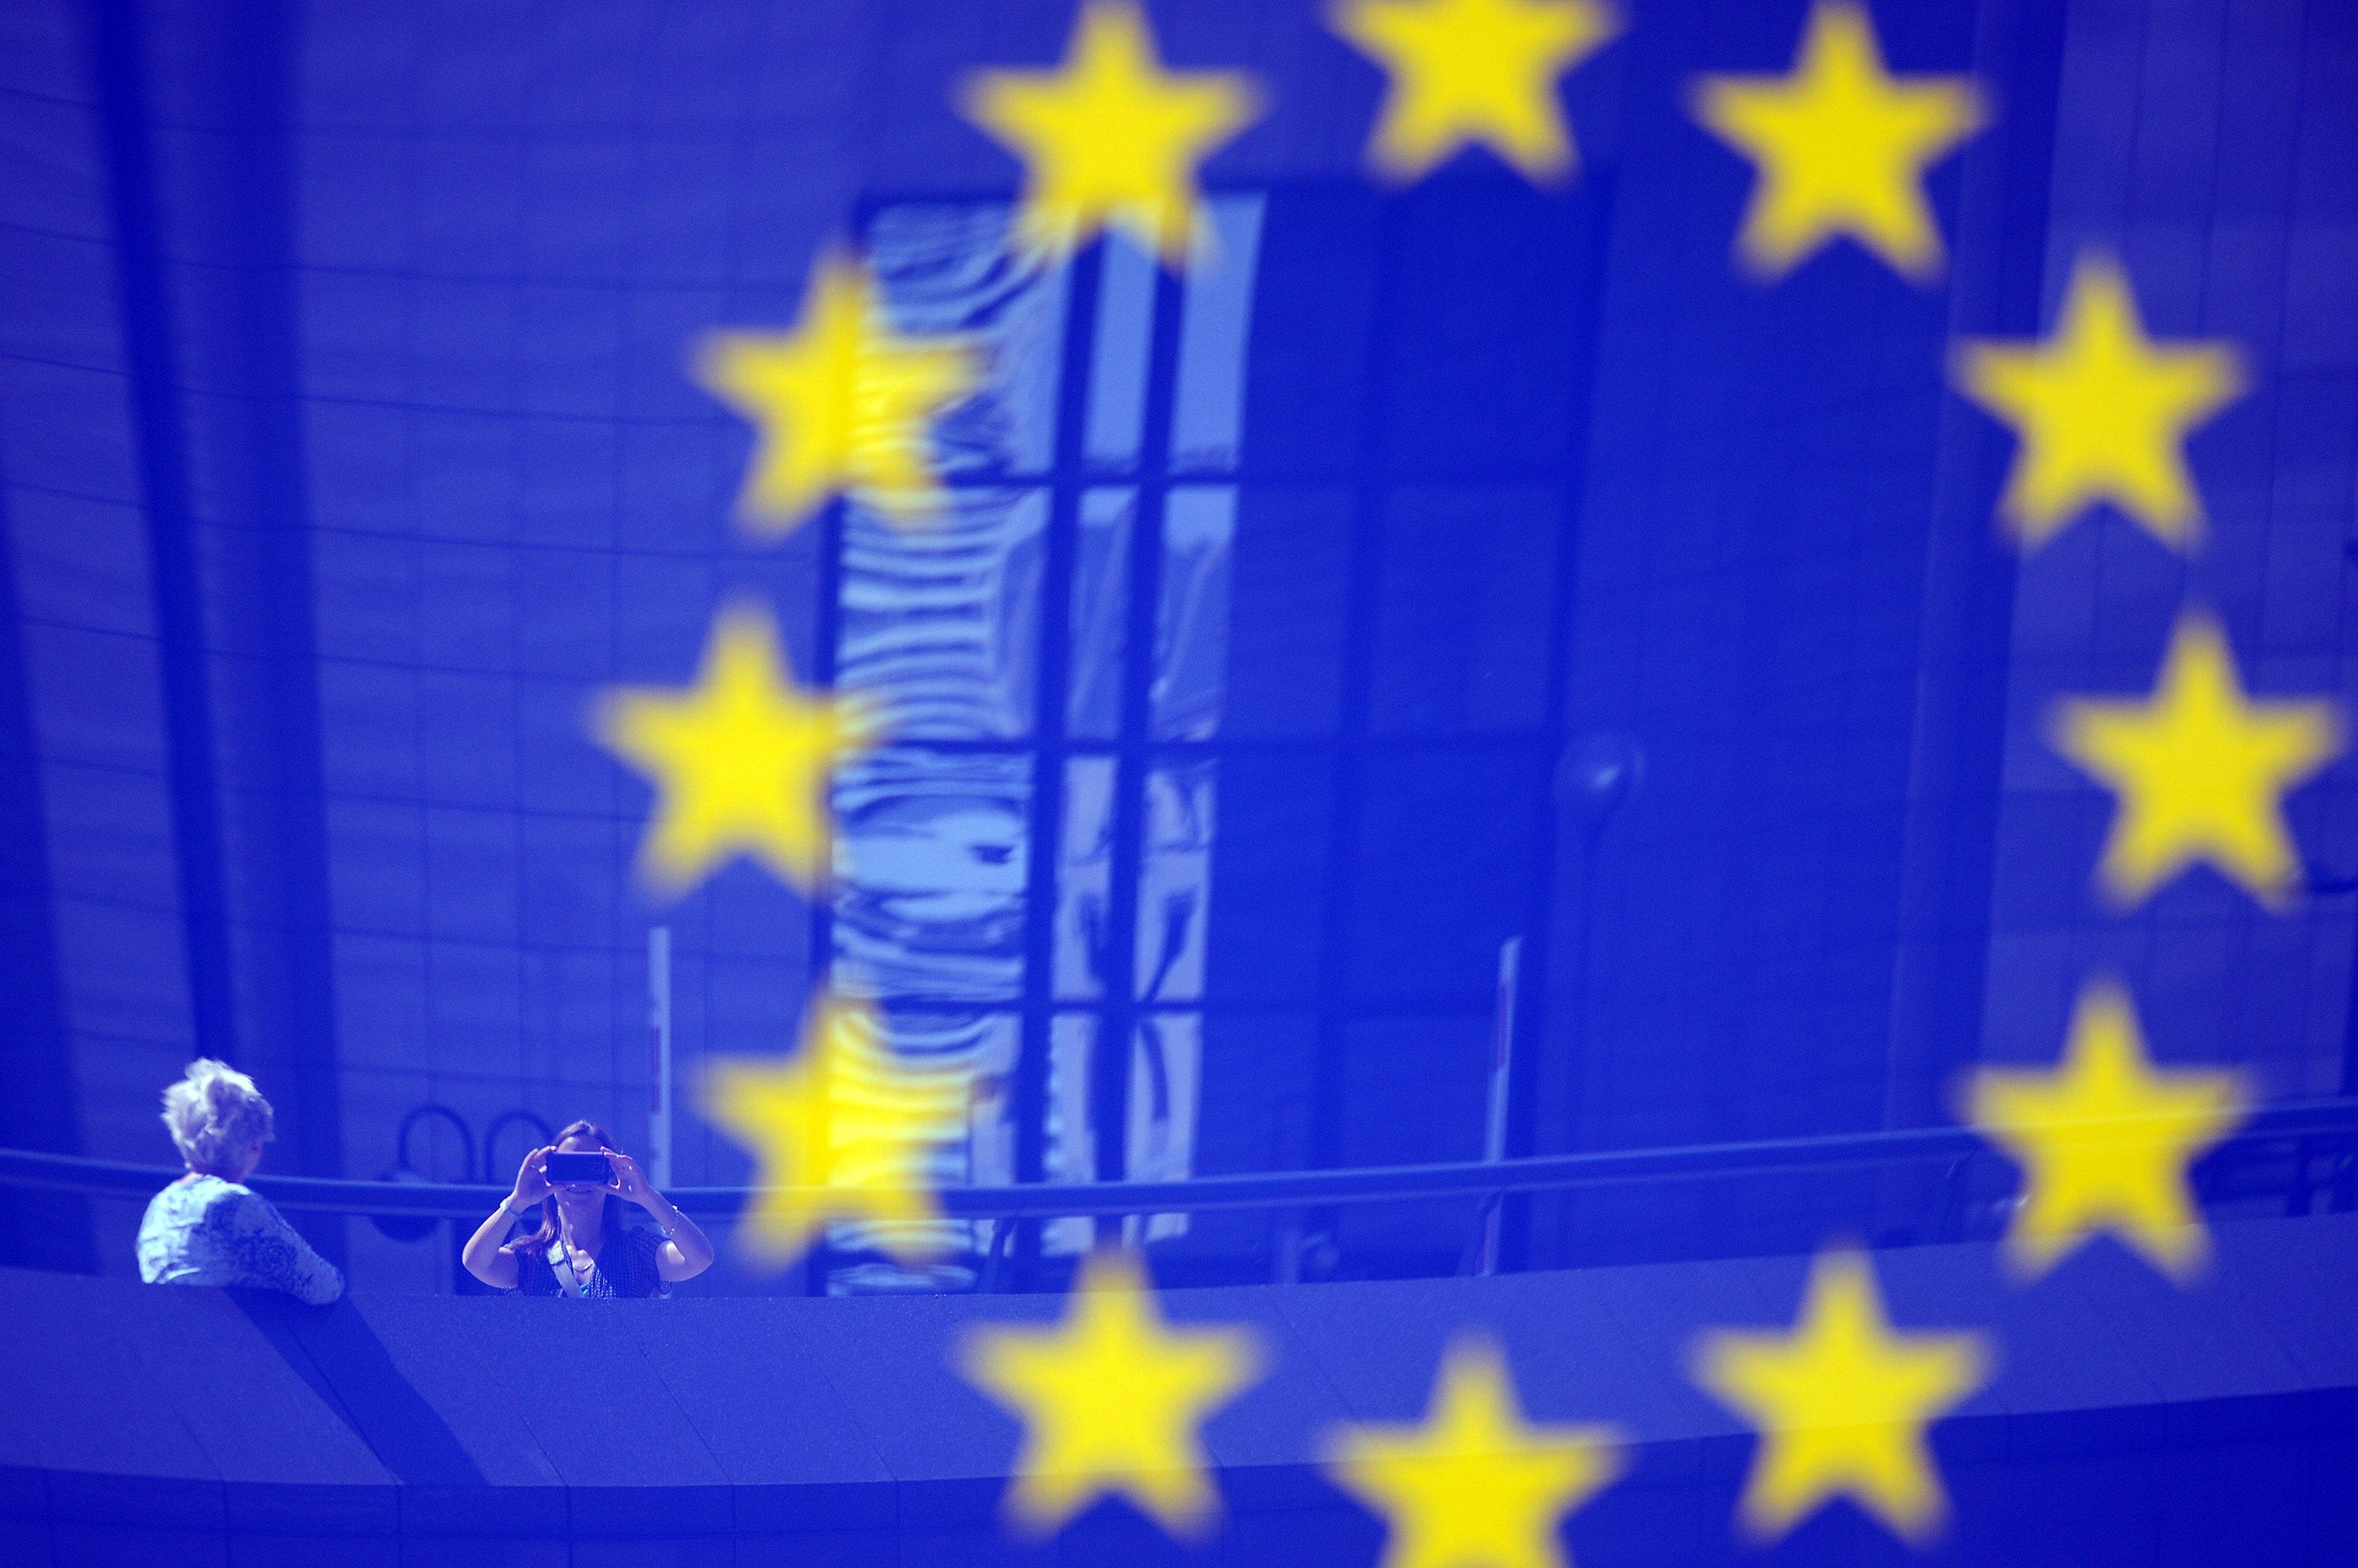 Tourists reflected in a EU logo © Sputnik / Alexey Vitvitsky